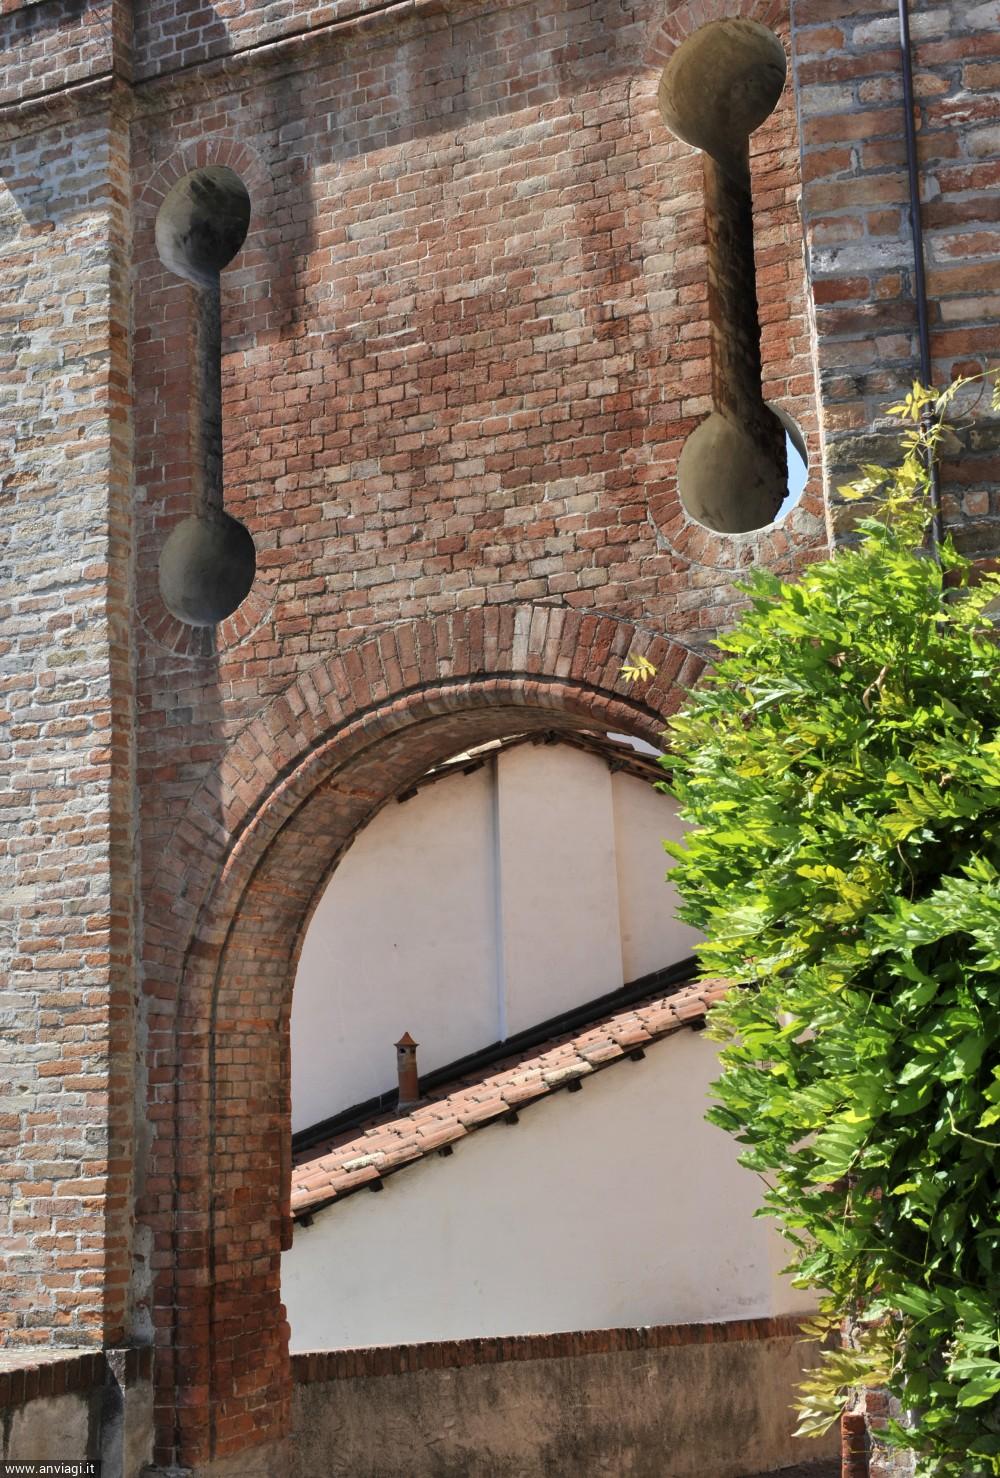 L'imponente arco di ingresso al ricetto del castello Falletti. <span class='photo-by'>Photo: Giulio Morra.</span>